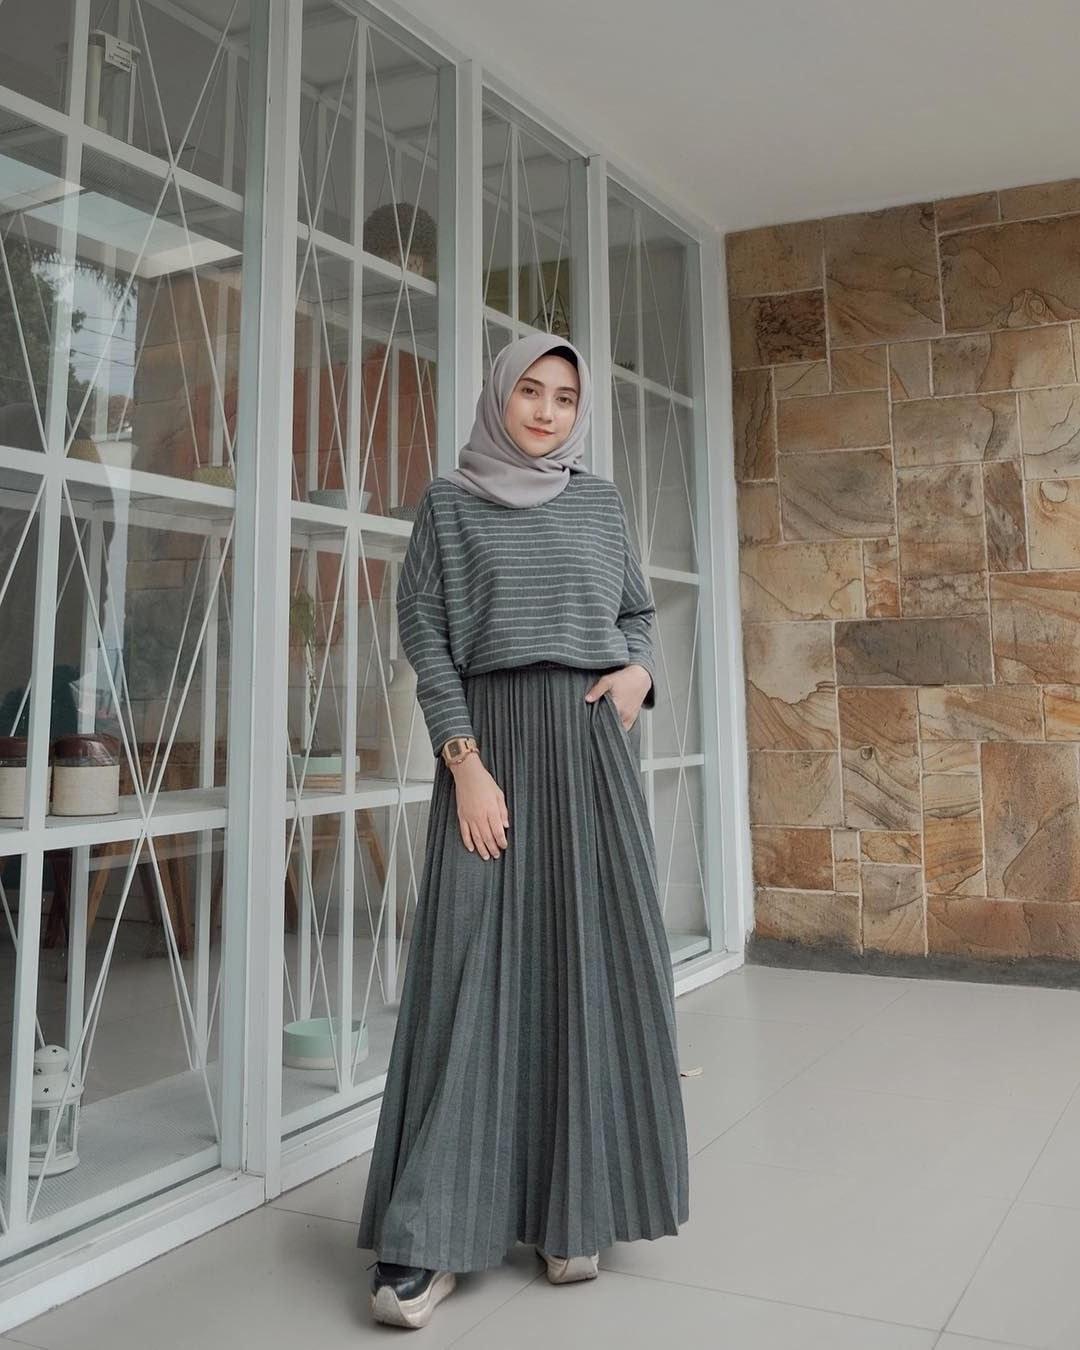 Inspirasi Model Baju Lebaran 2019 Pria Drdp Baju Muslim Lebaran Terbaru 2019